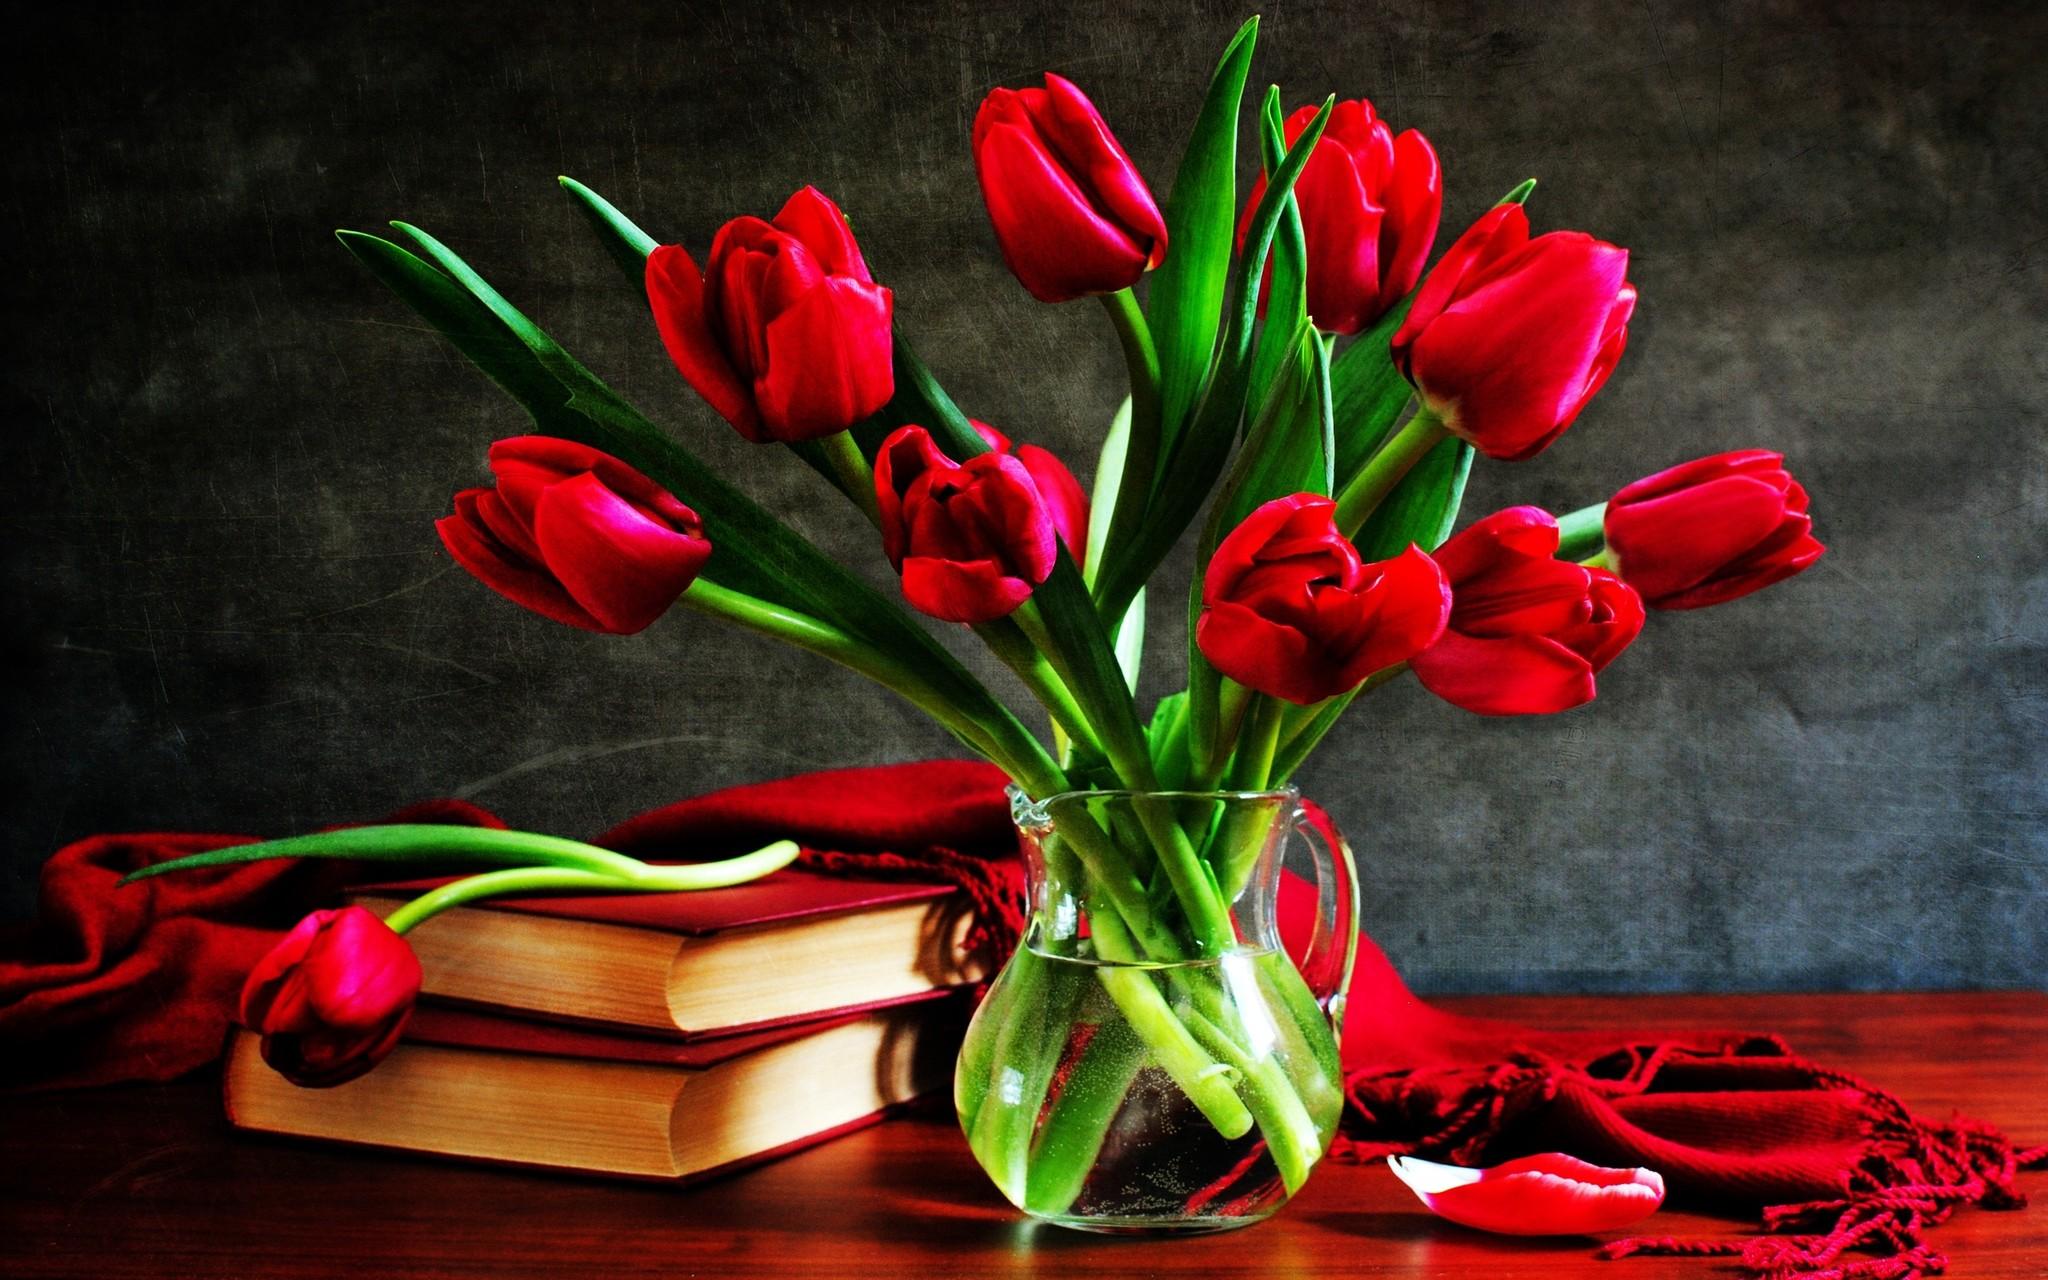 Met tulpen haal je de lente in huis - tulpen in een vaas